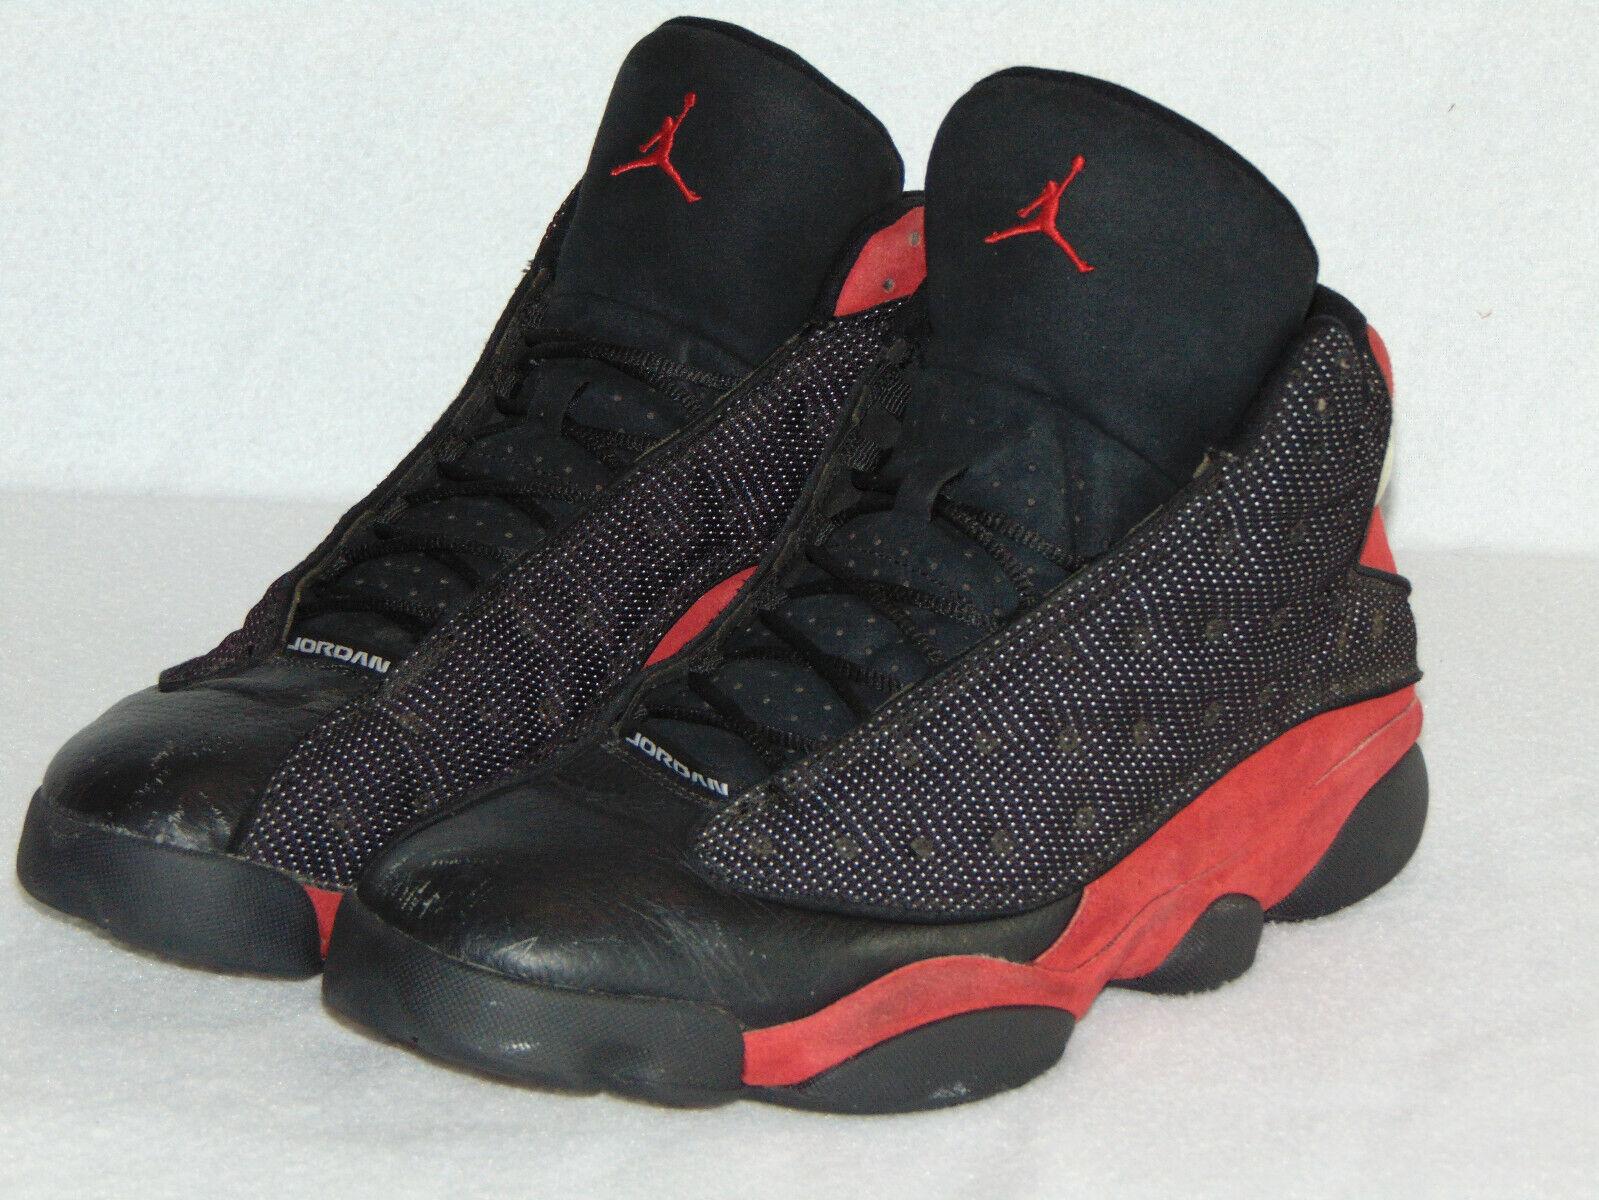 GORGEOUS Nike Air Jordan XIII 13 Retro  BRED  BLACK RED WHITE 414571-010 Sz 13